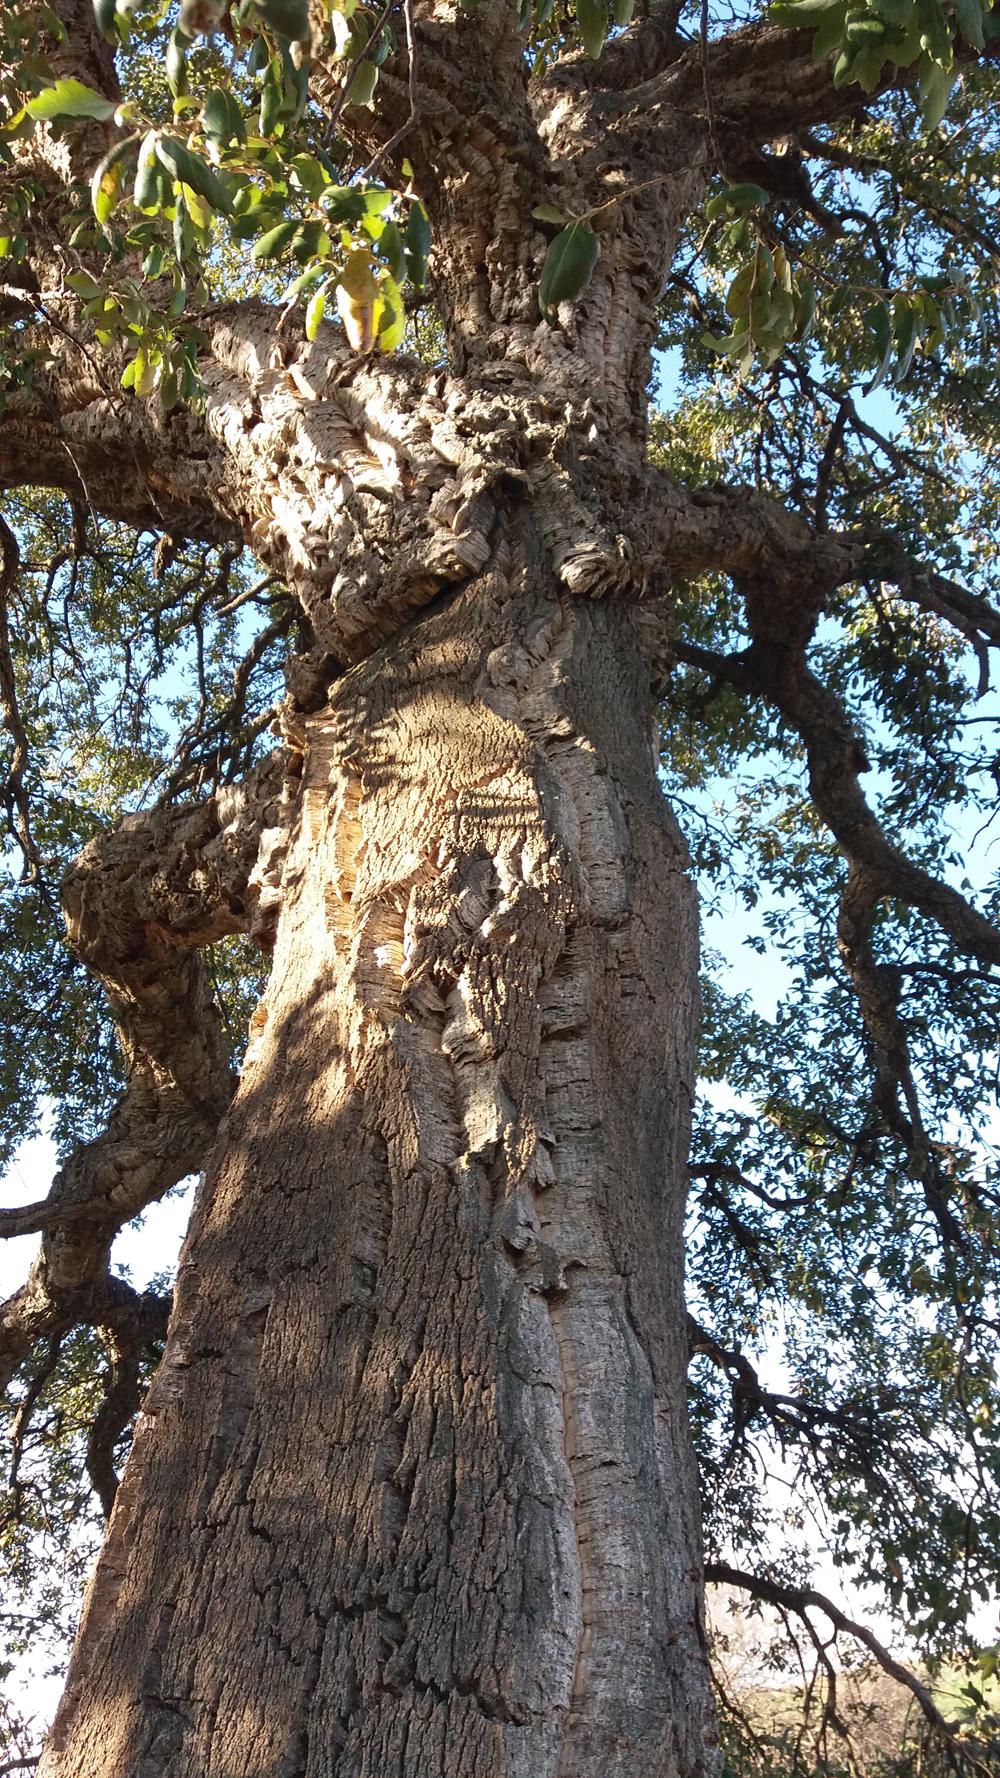 La quercia da sughero